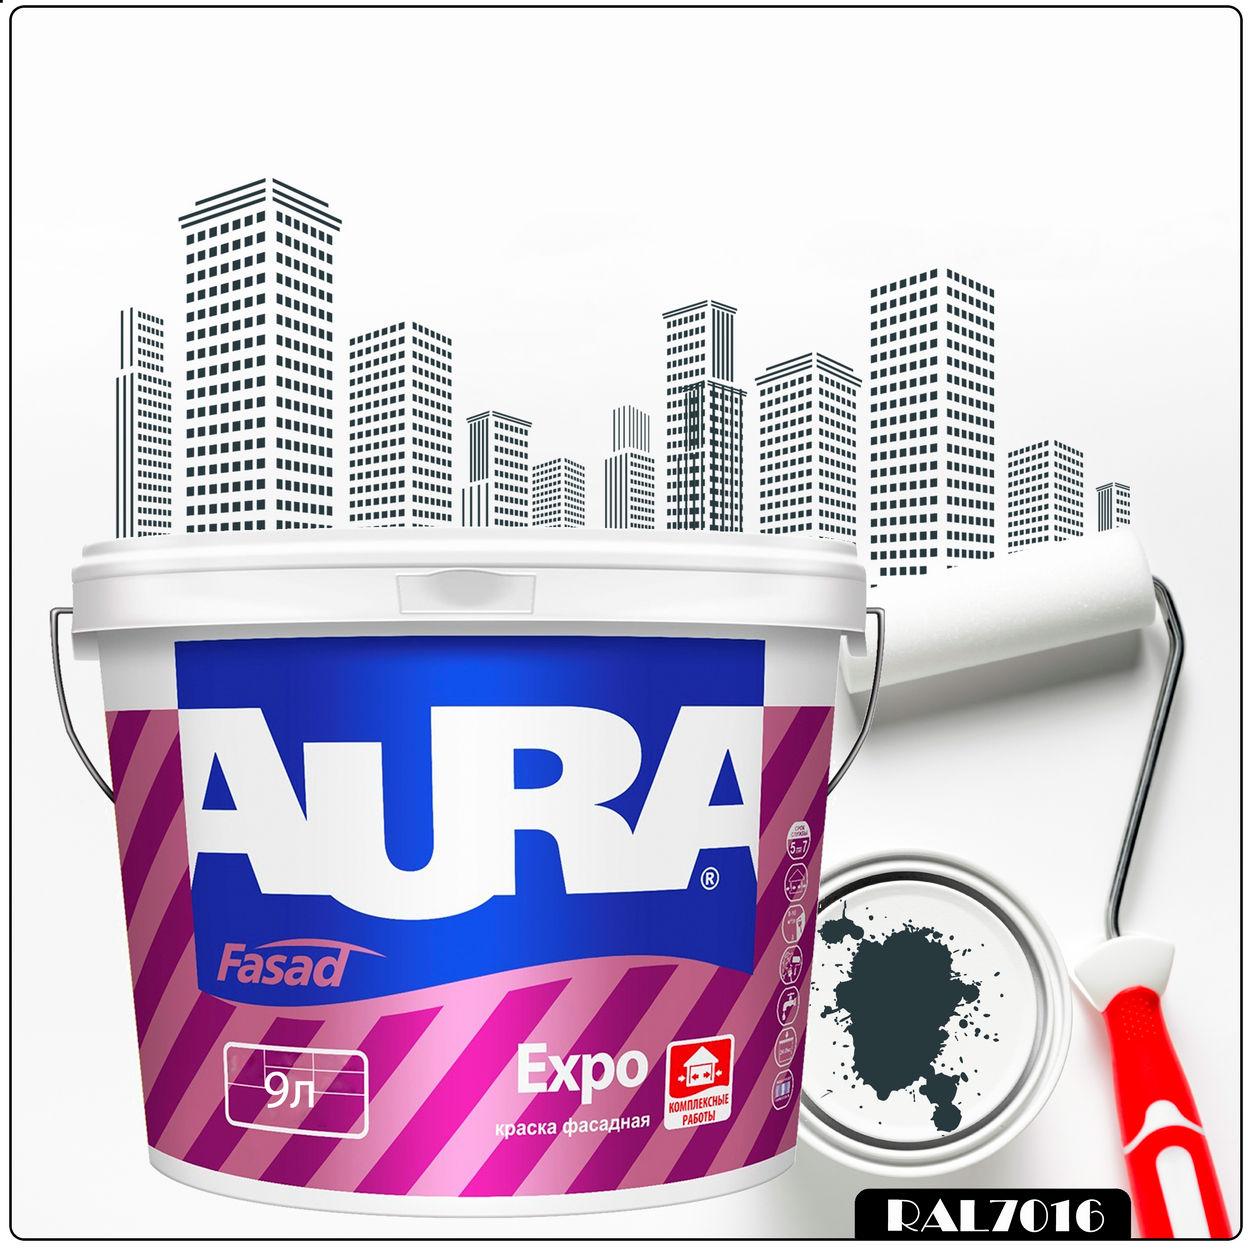 Фото 15 - Краска Aura Fasad Expo, RAL 7016 Серый антрацит, матовая, для фасадов и помещений с повышенной влажностью, 9л.